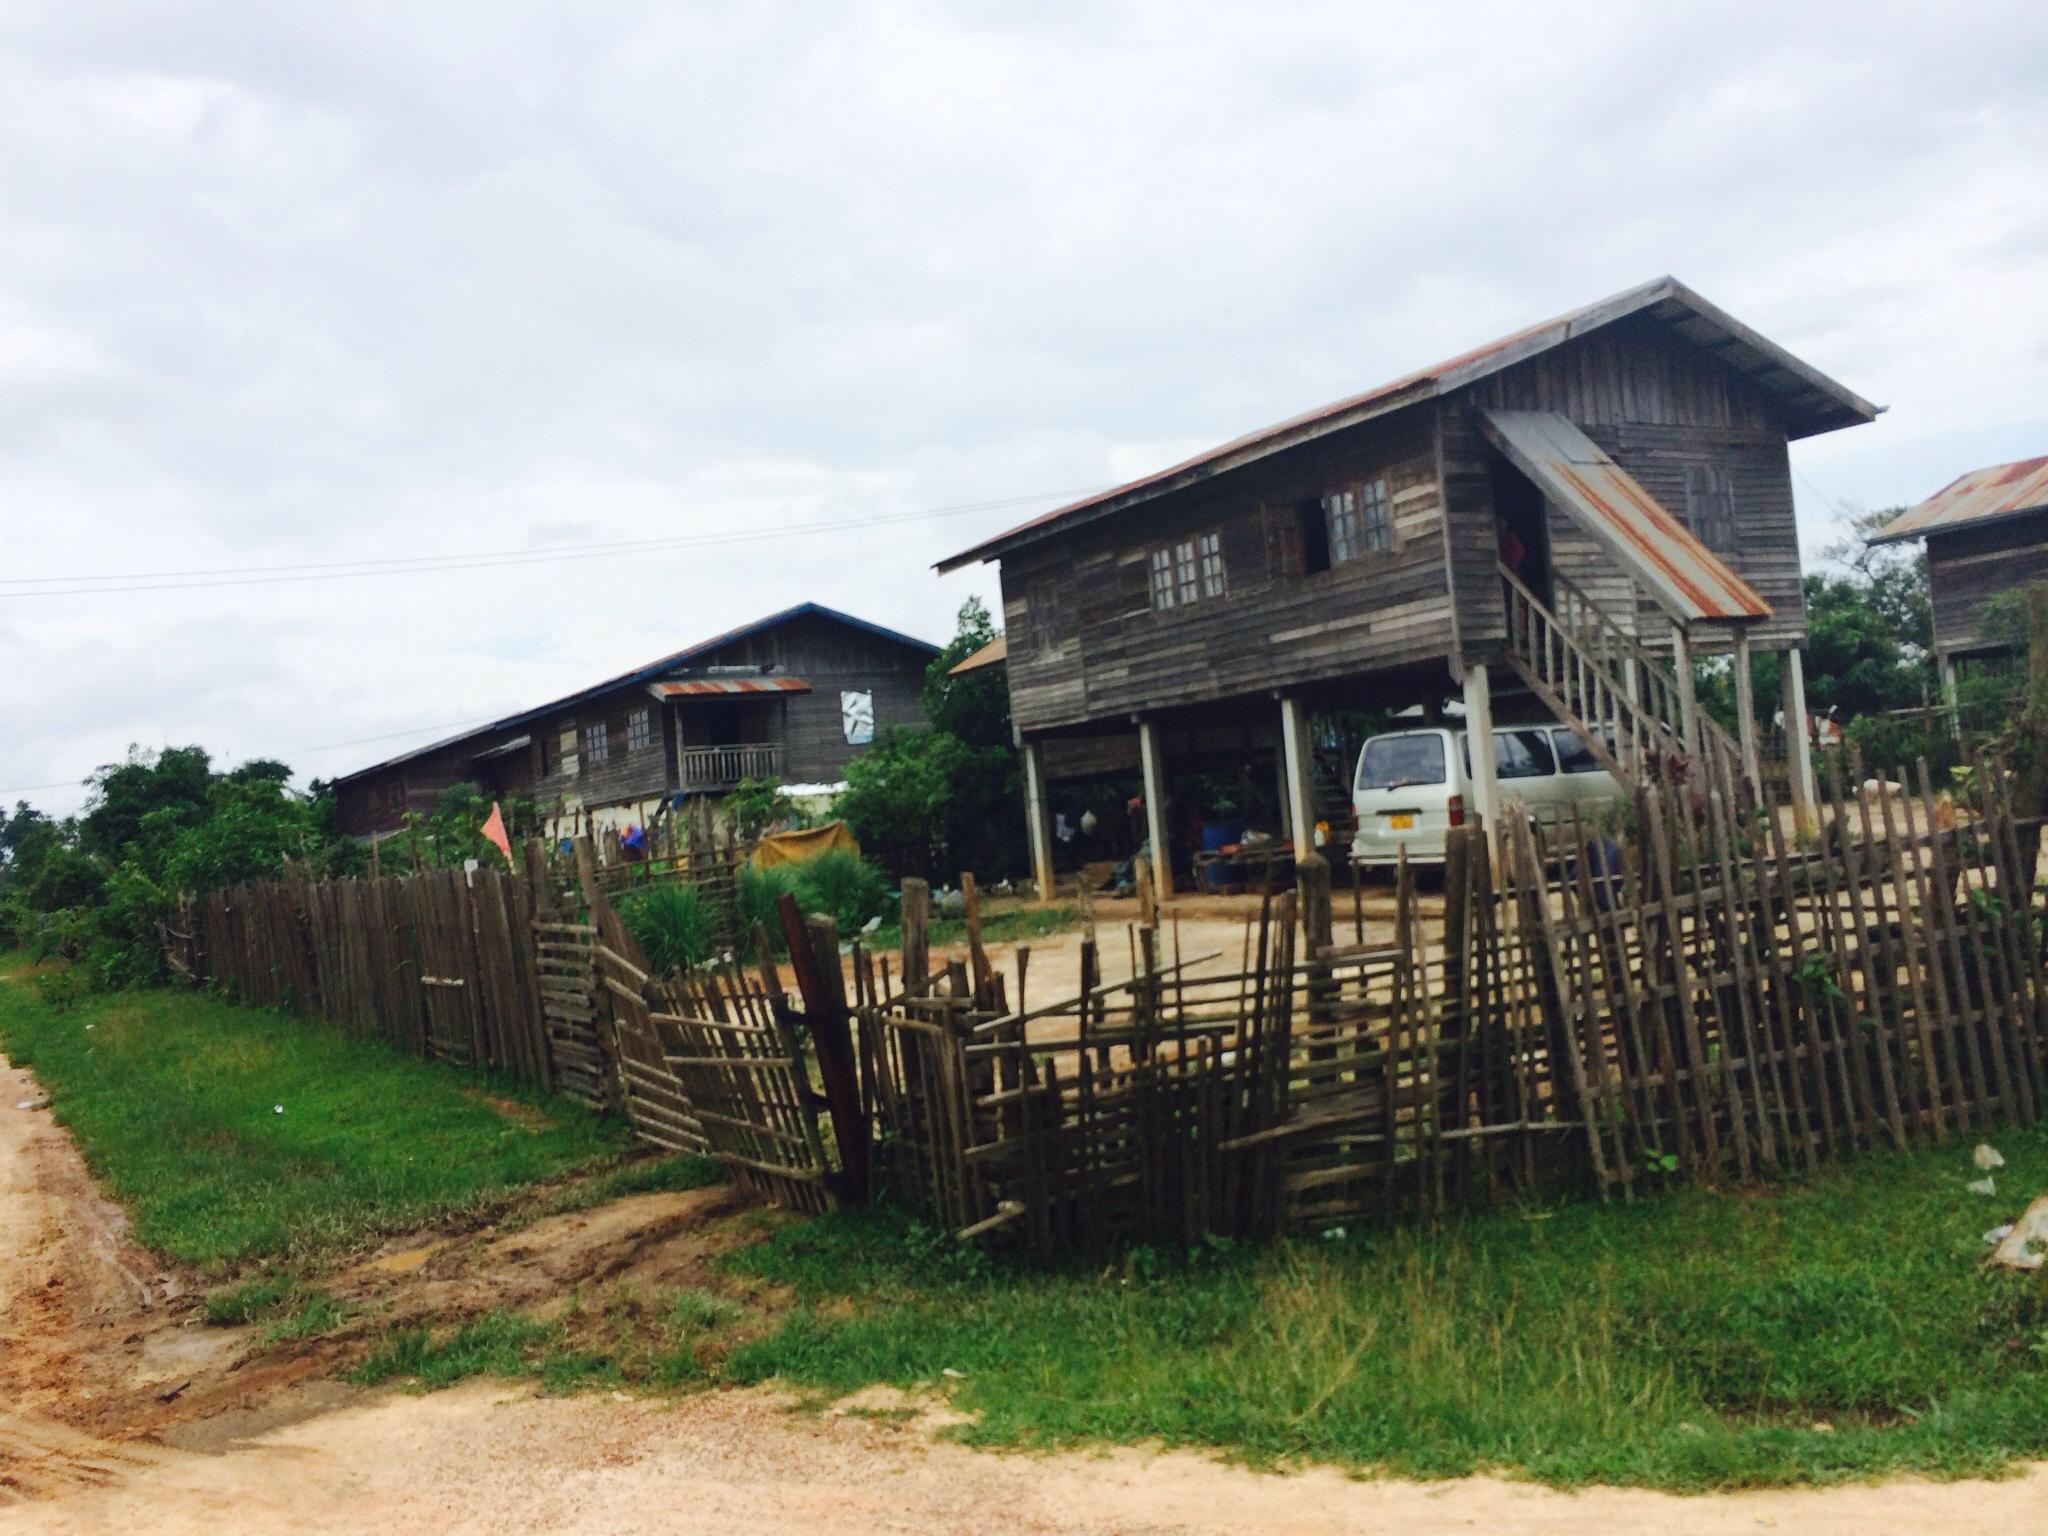 New community settlement